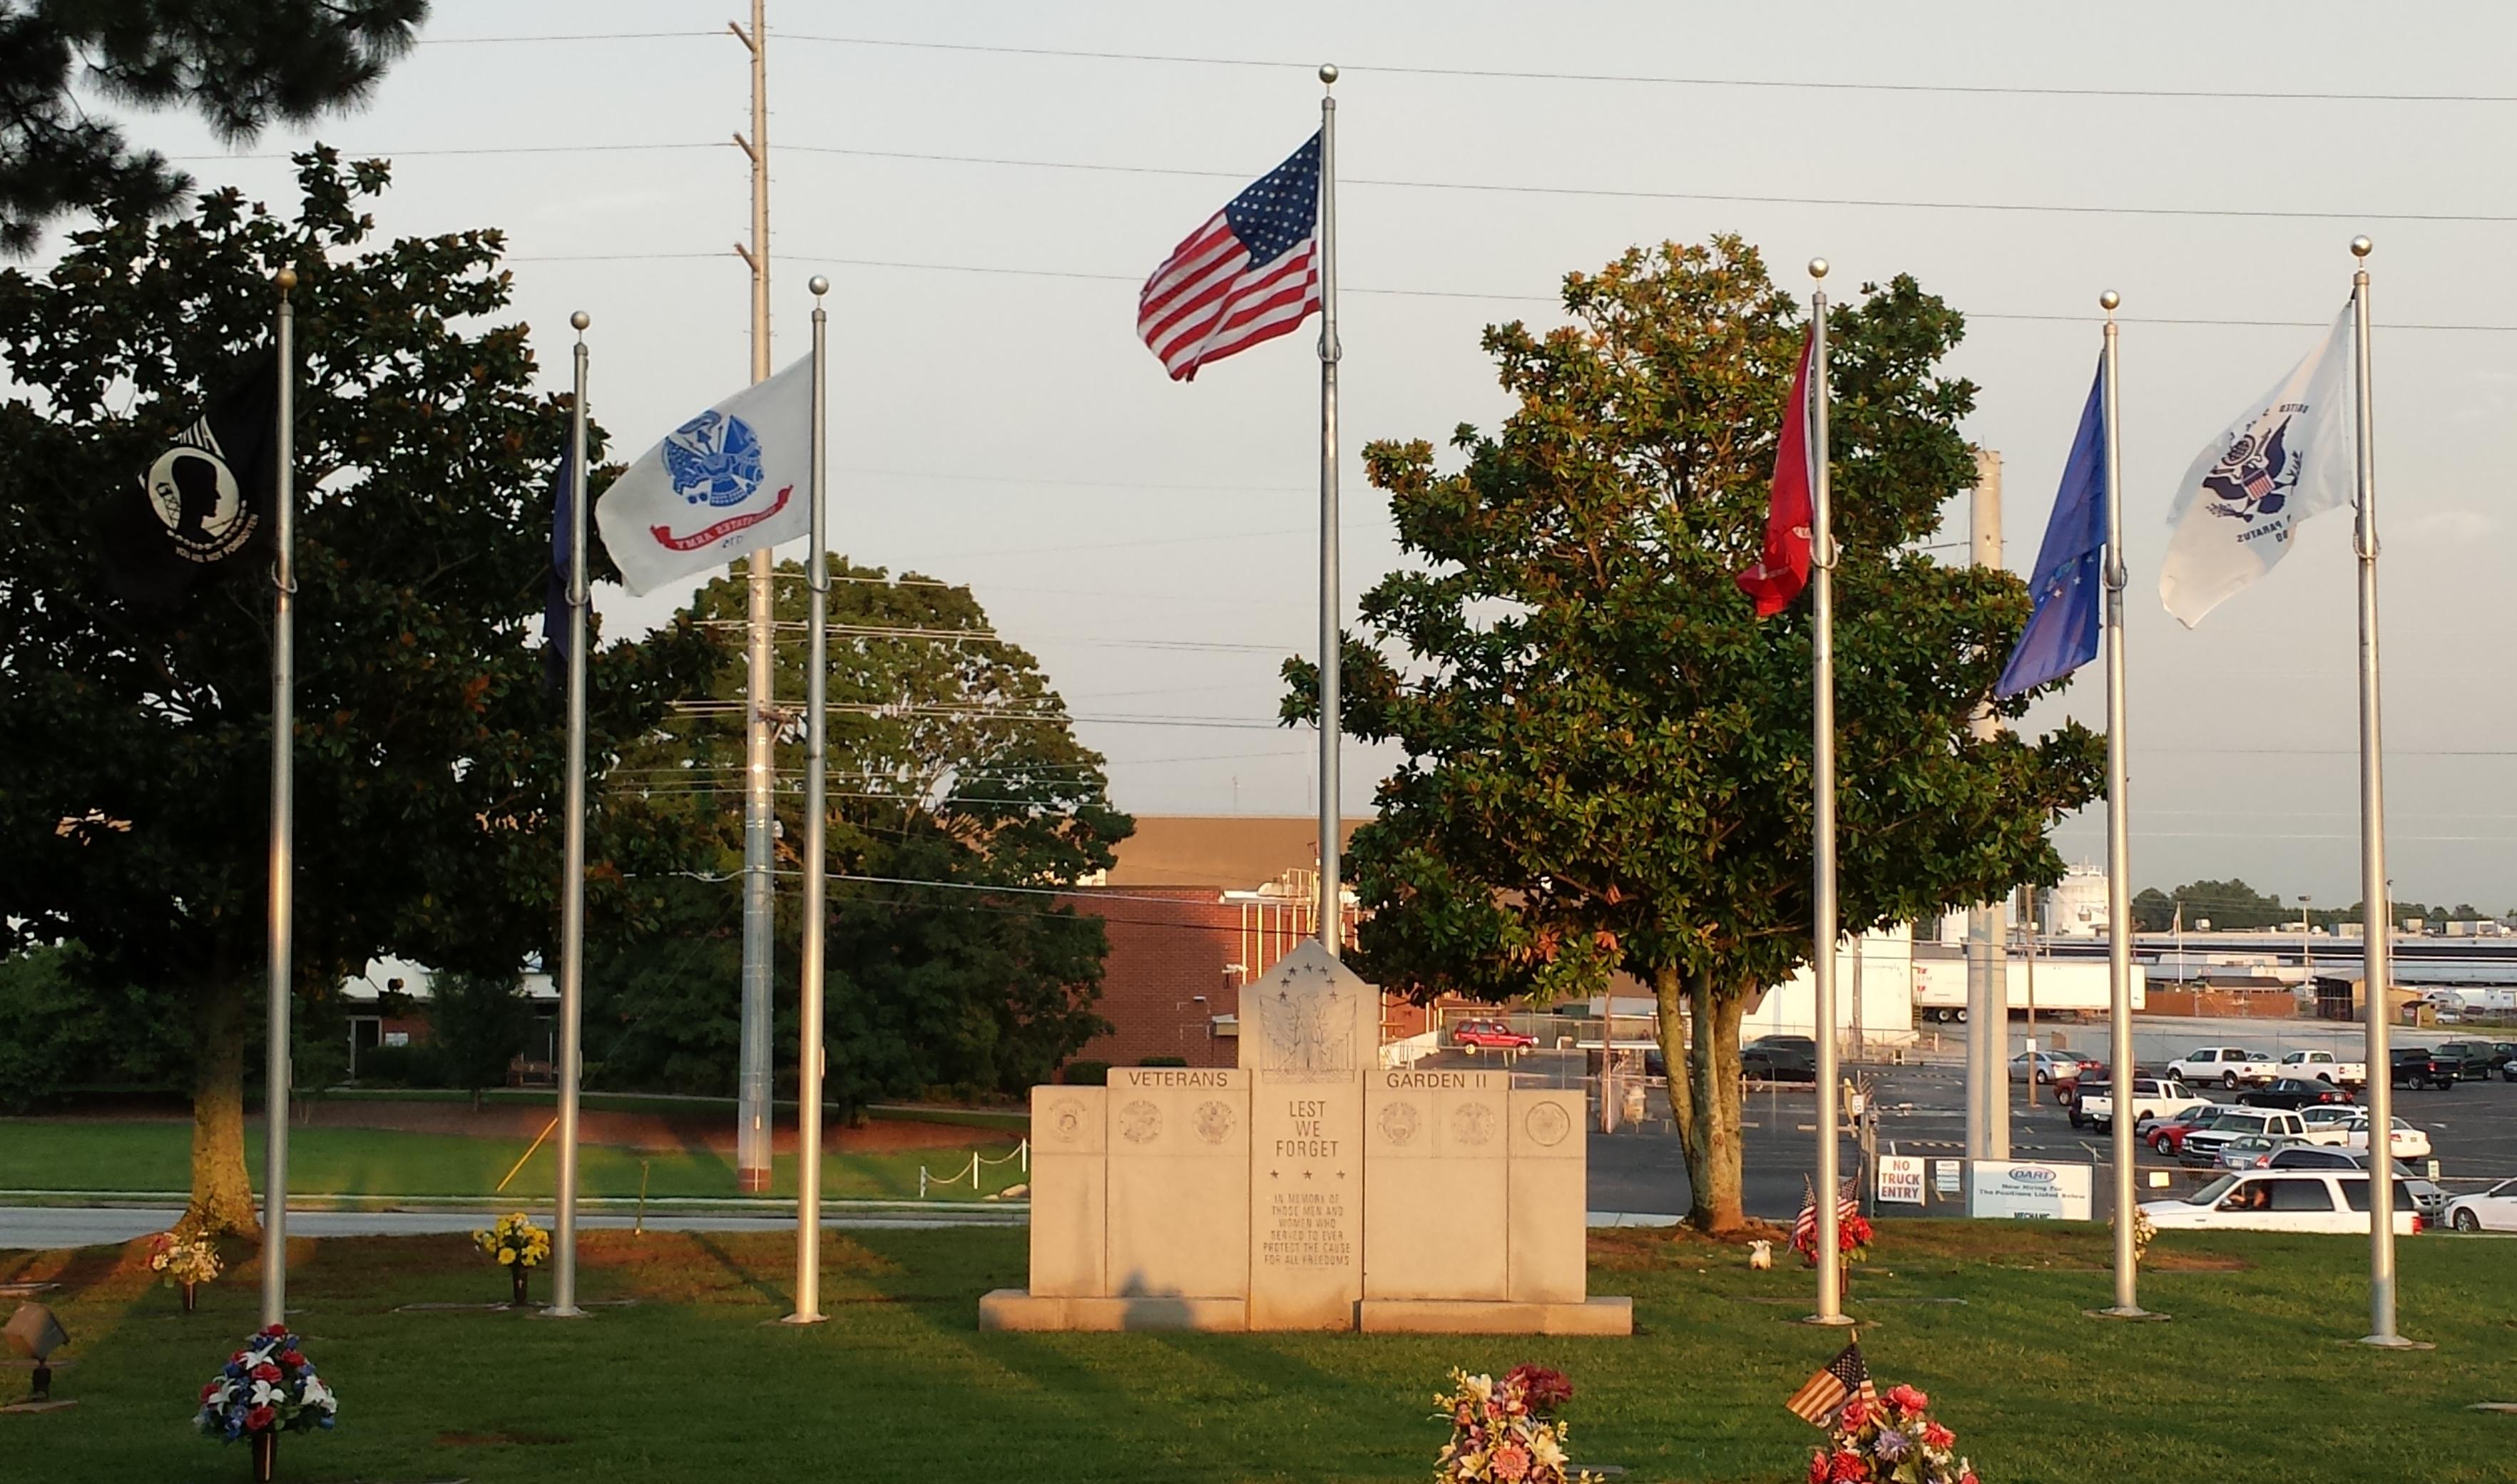 Green Meadows Memorial Gardens